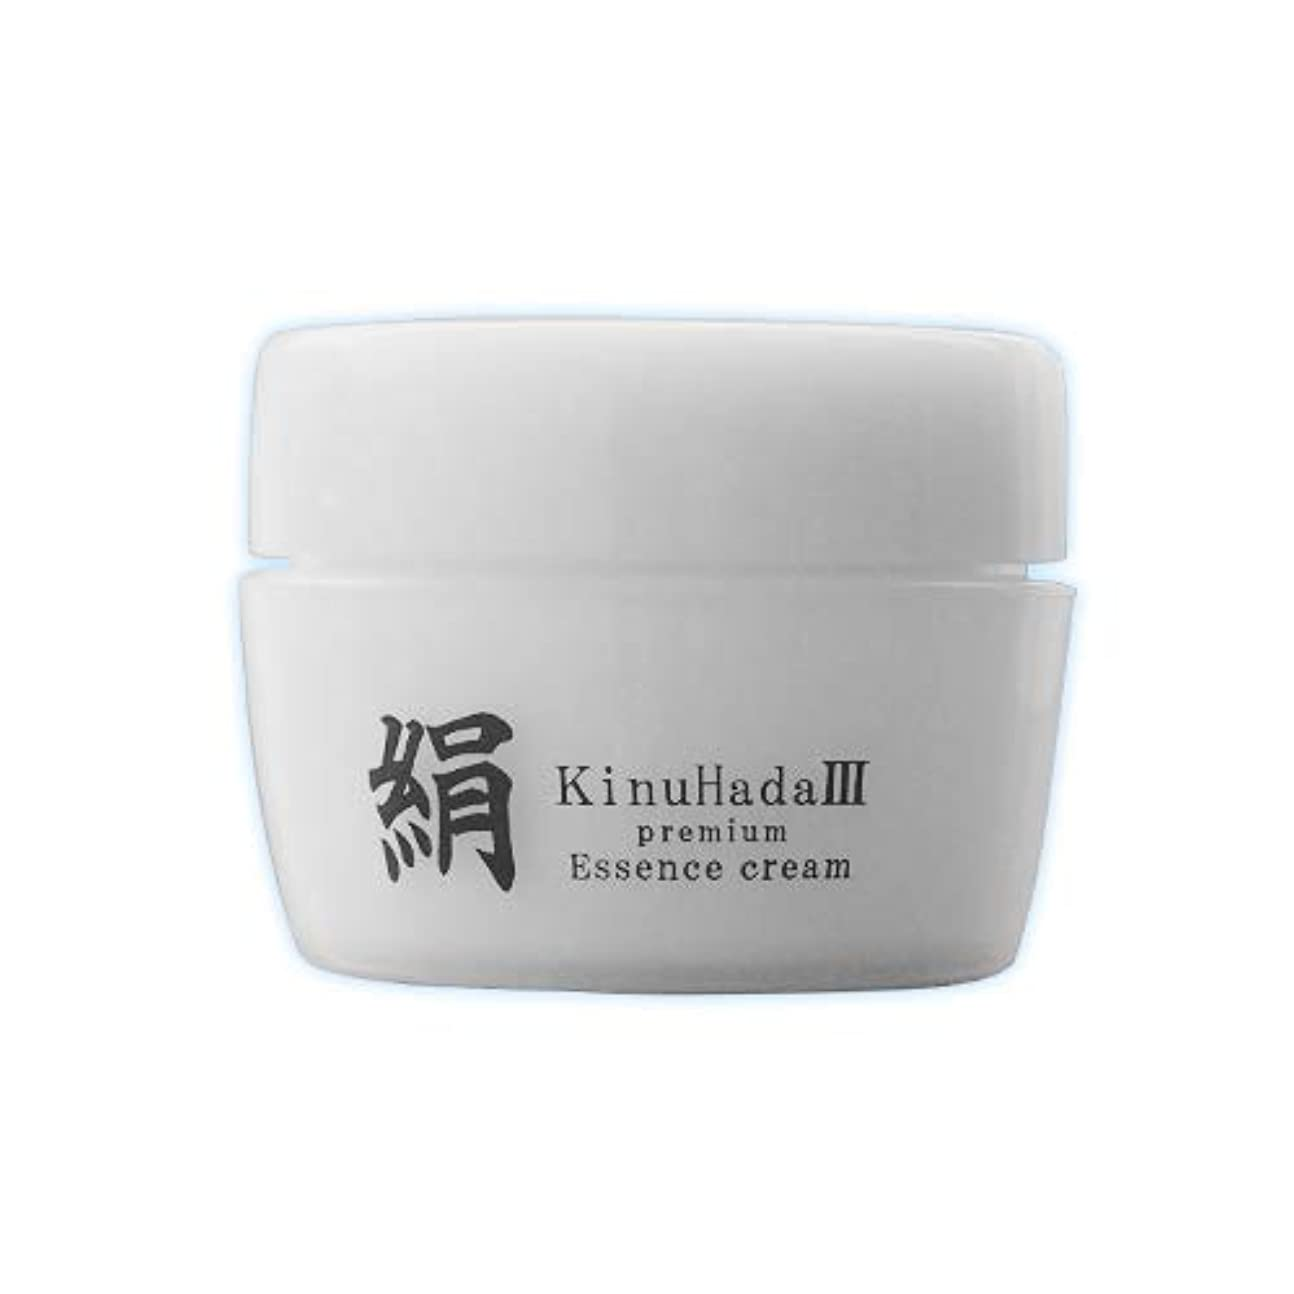 色ファンタジー鰐KinuHada 3 premium 60g オールインワン 美容液 絹